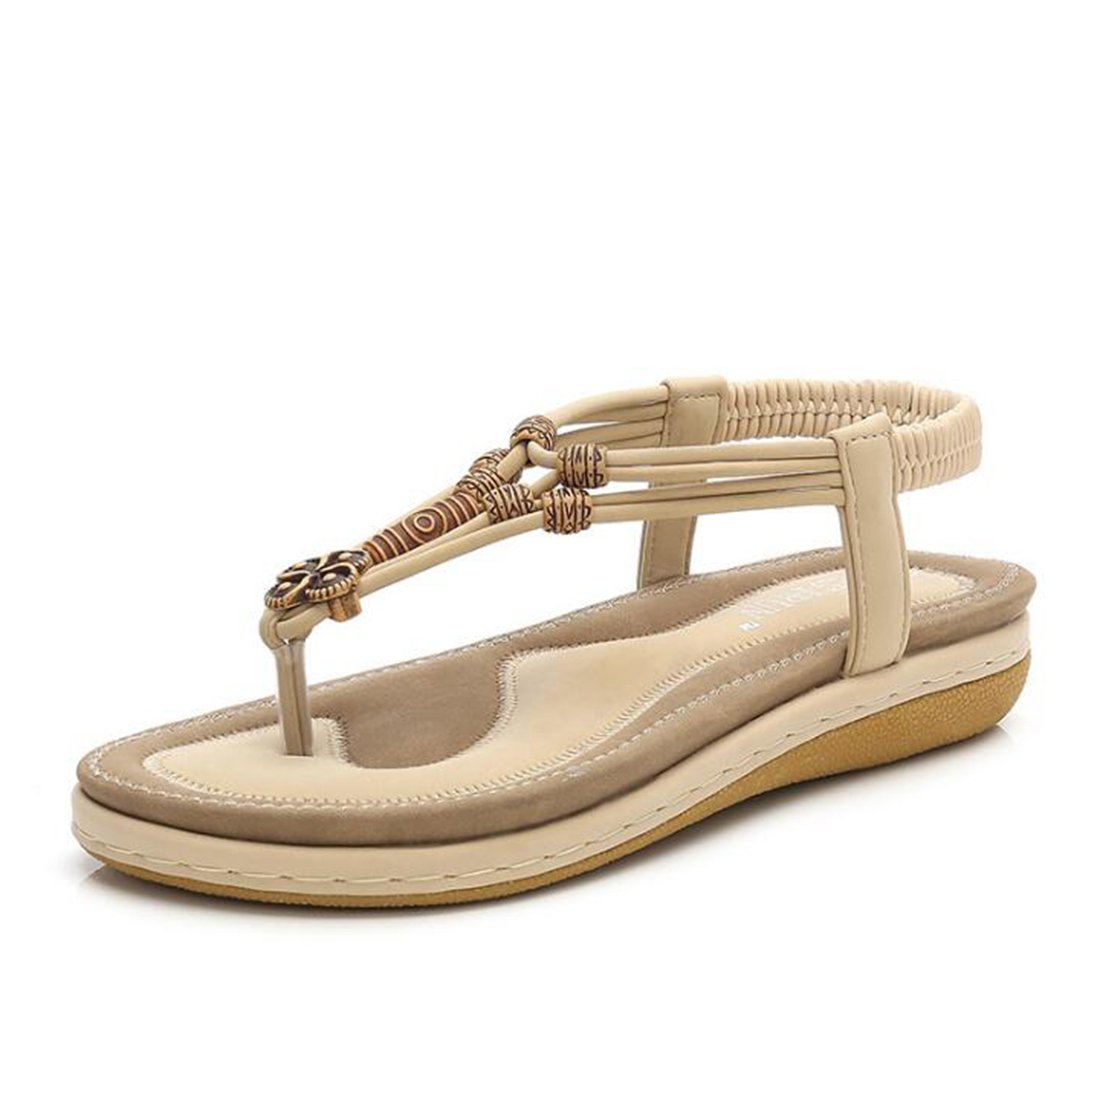 Frauen Sommer Sandalen Mode Rouml;mischen Sandalen Plateau Sandalen Sandalen  41 EU|Apricot